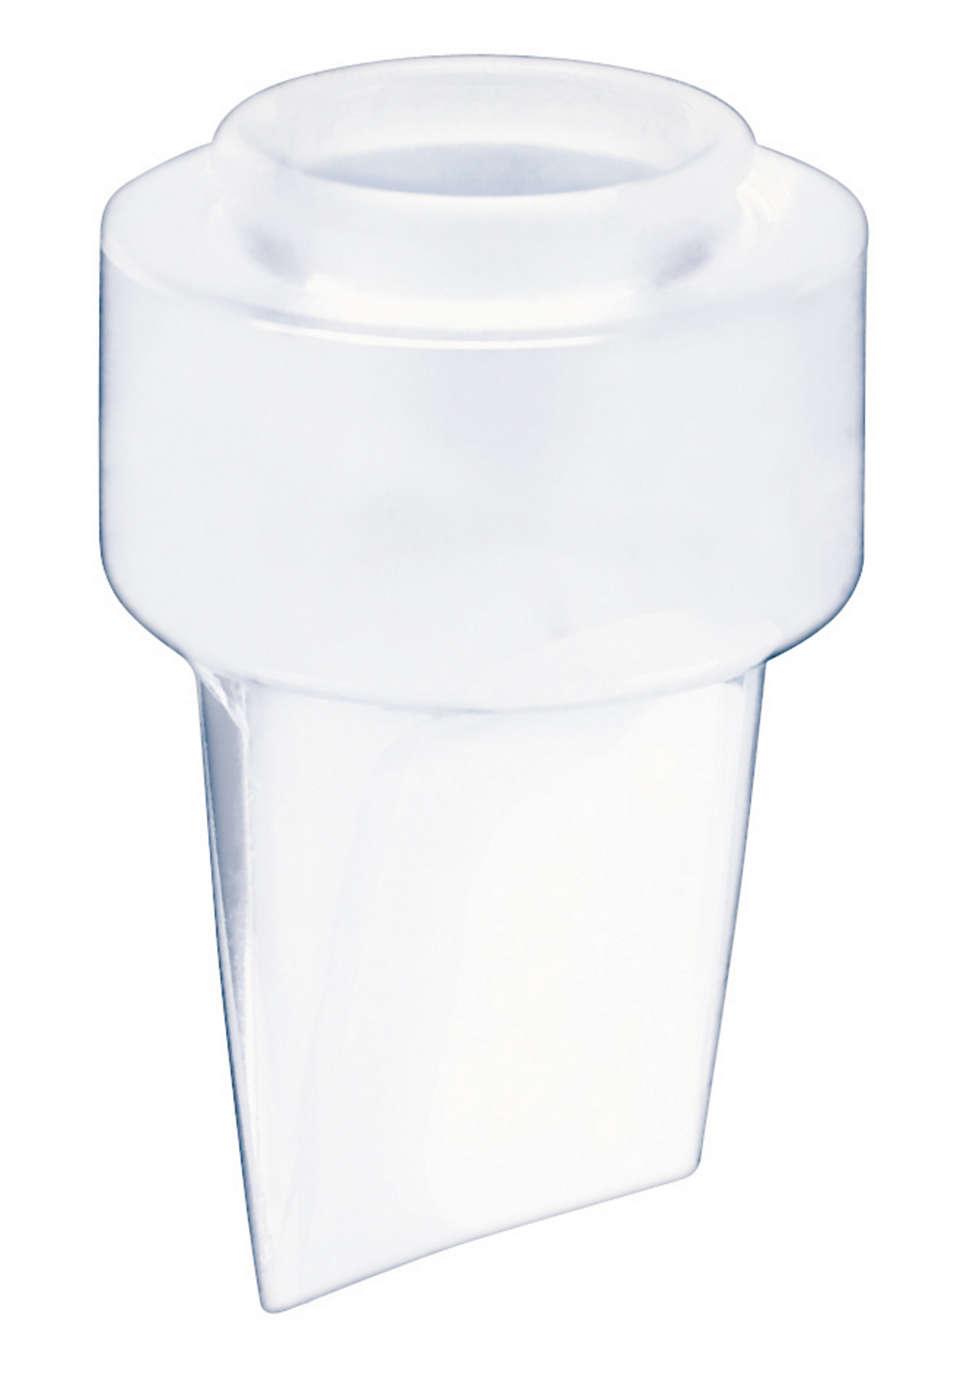 De melk stroomt rechtstreeks in de fles